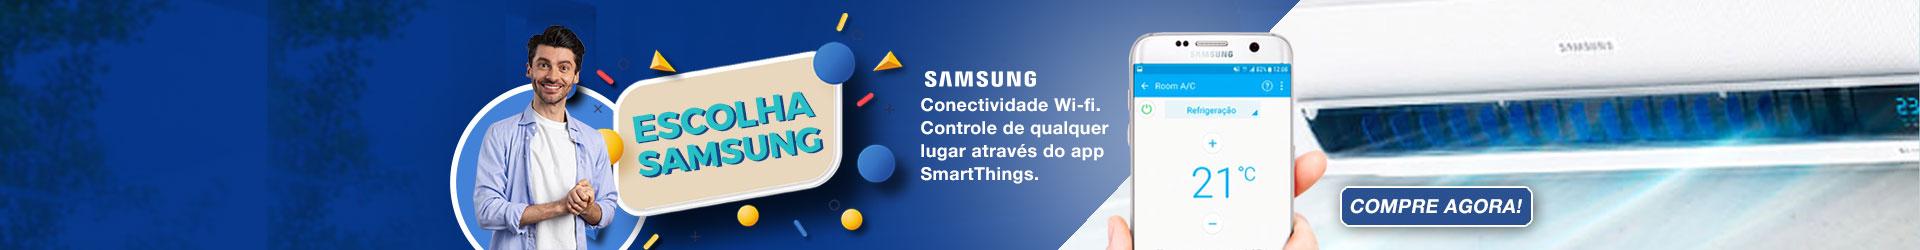 banner_escolha_samsung_conectividade_wifi